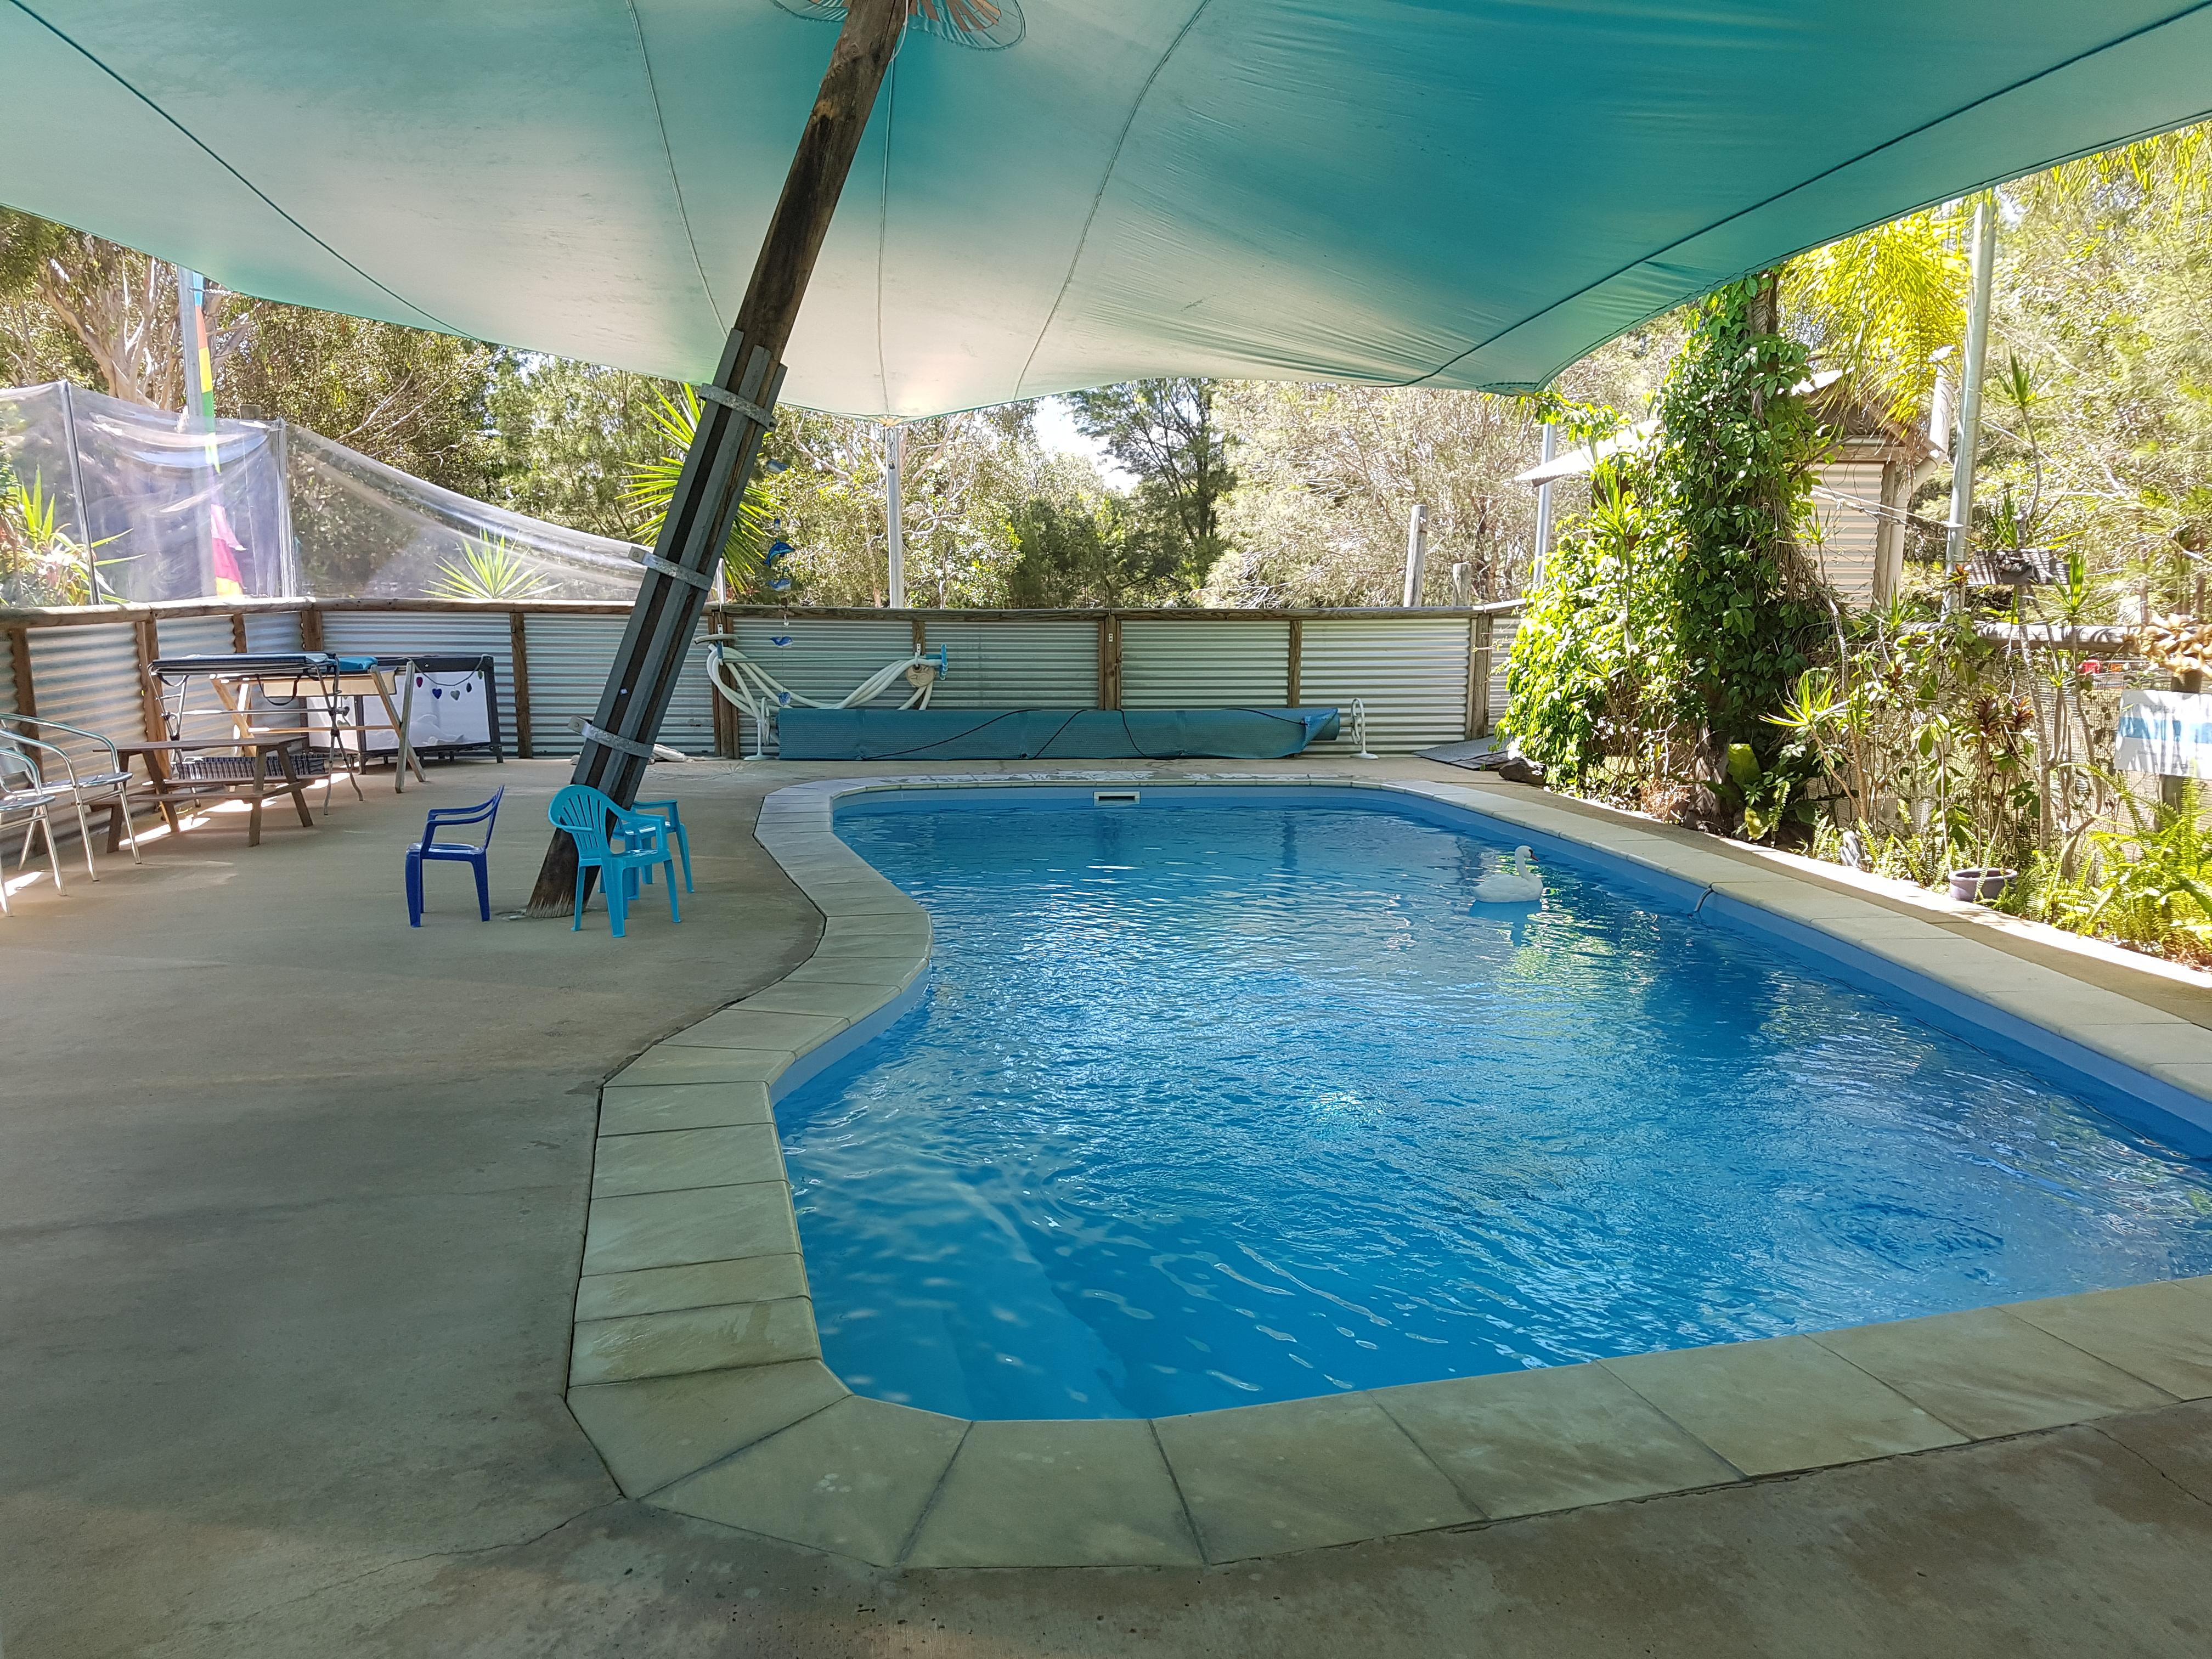 Gallery Peppies Swim School